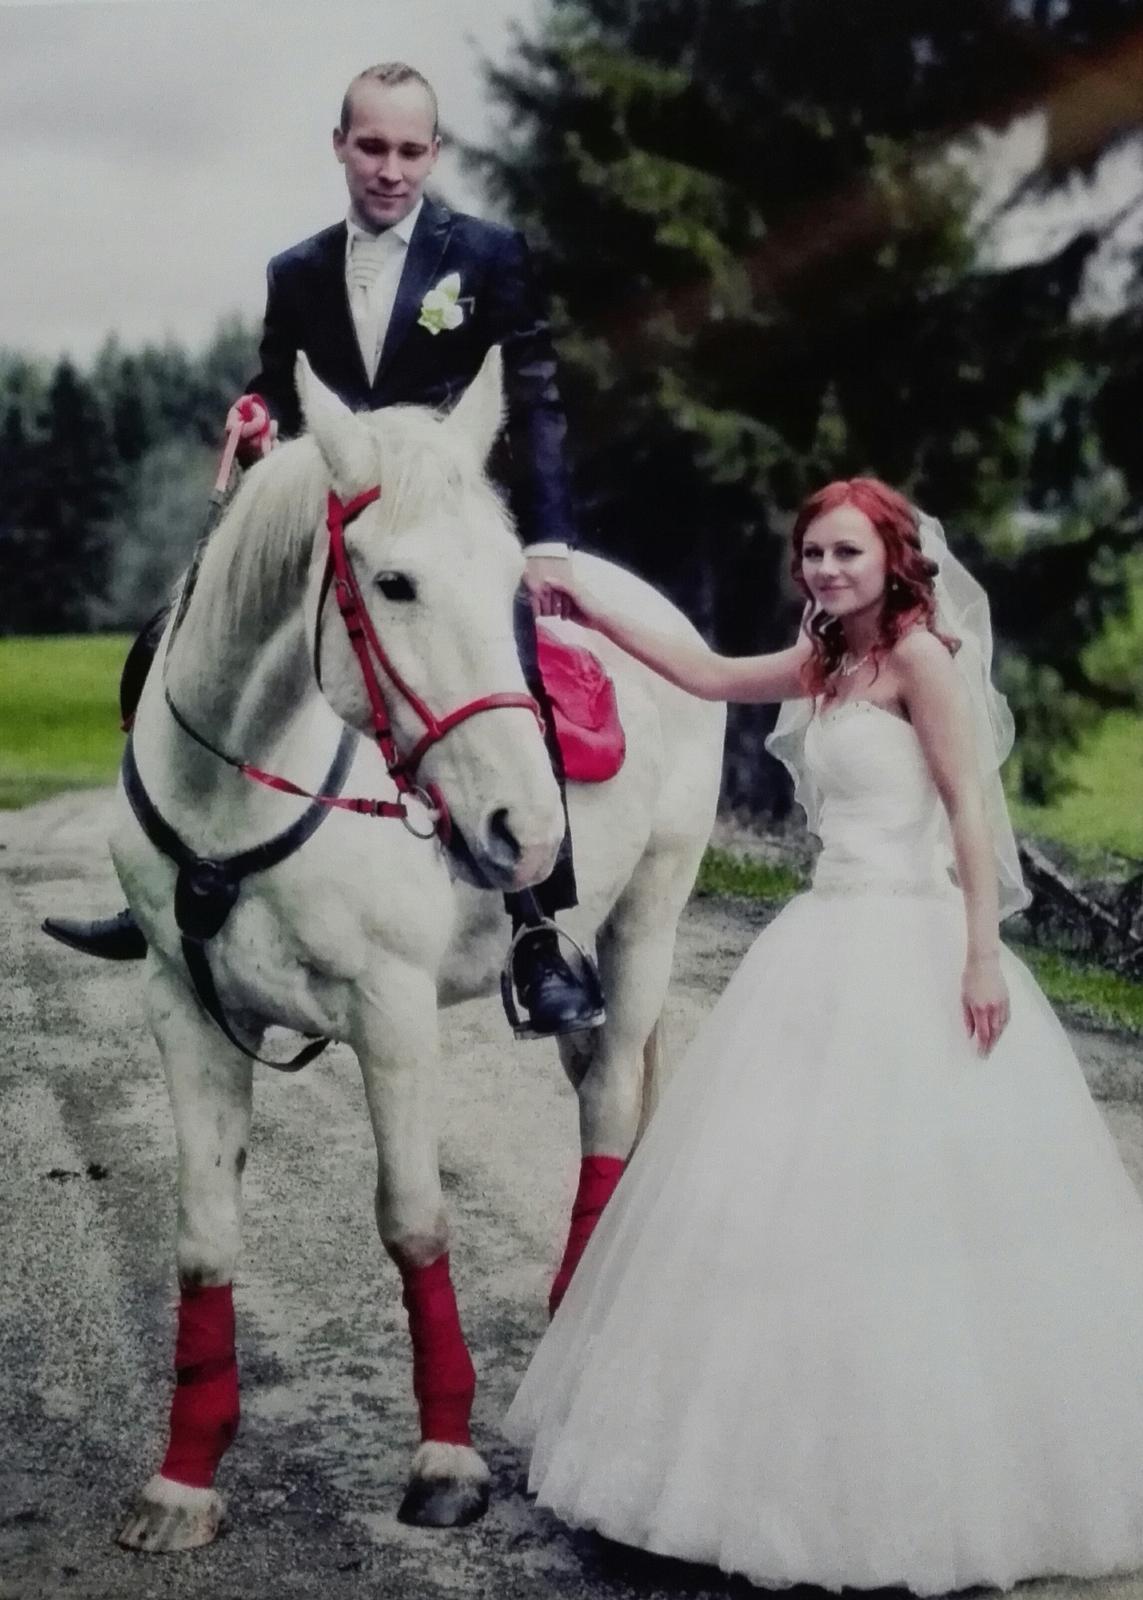 Svadba bola 22.4.2017 skúsim... - Obrázok č. 2